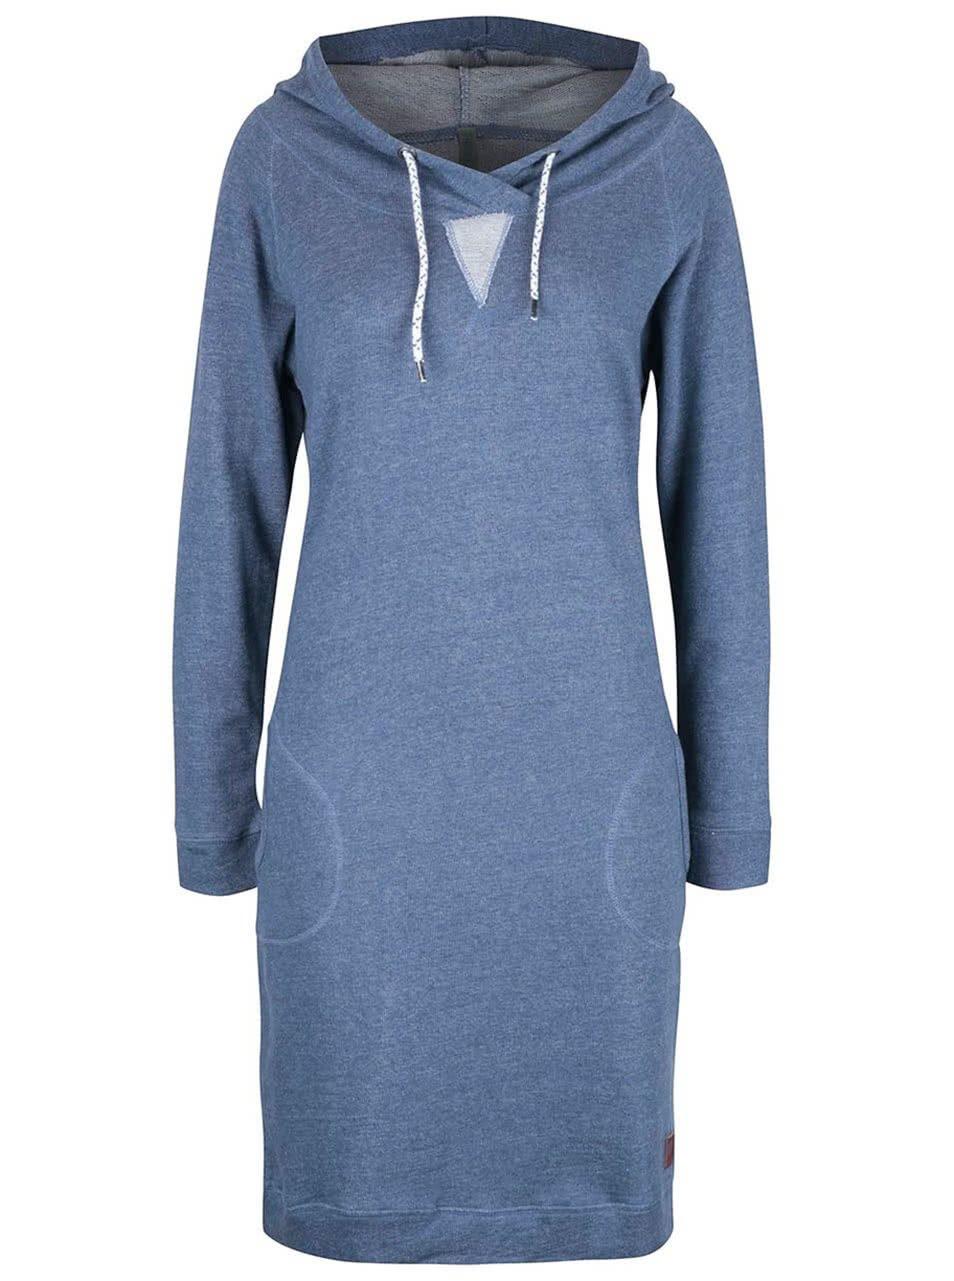 Modré žíhané mikinové šaty s kapucí Tranquillo Sportiva